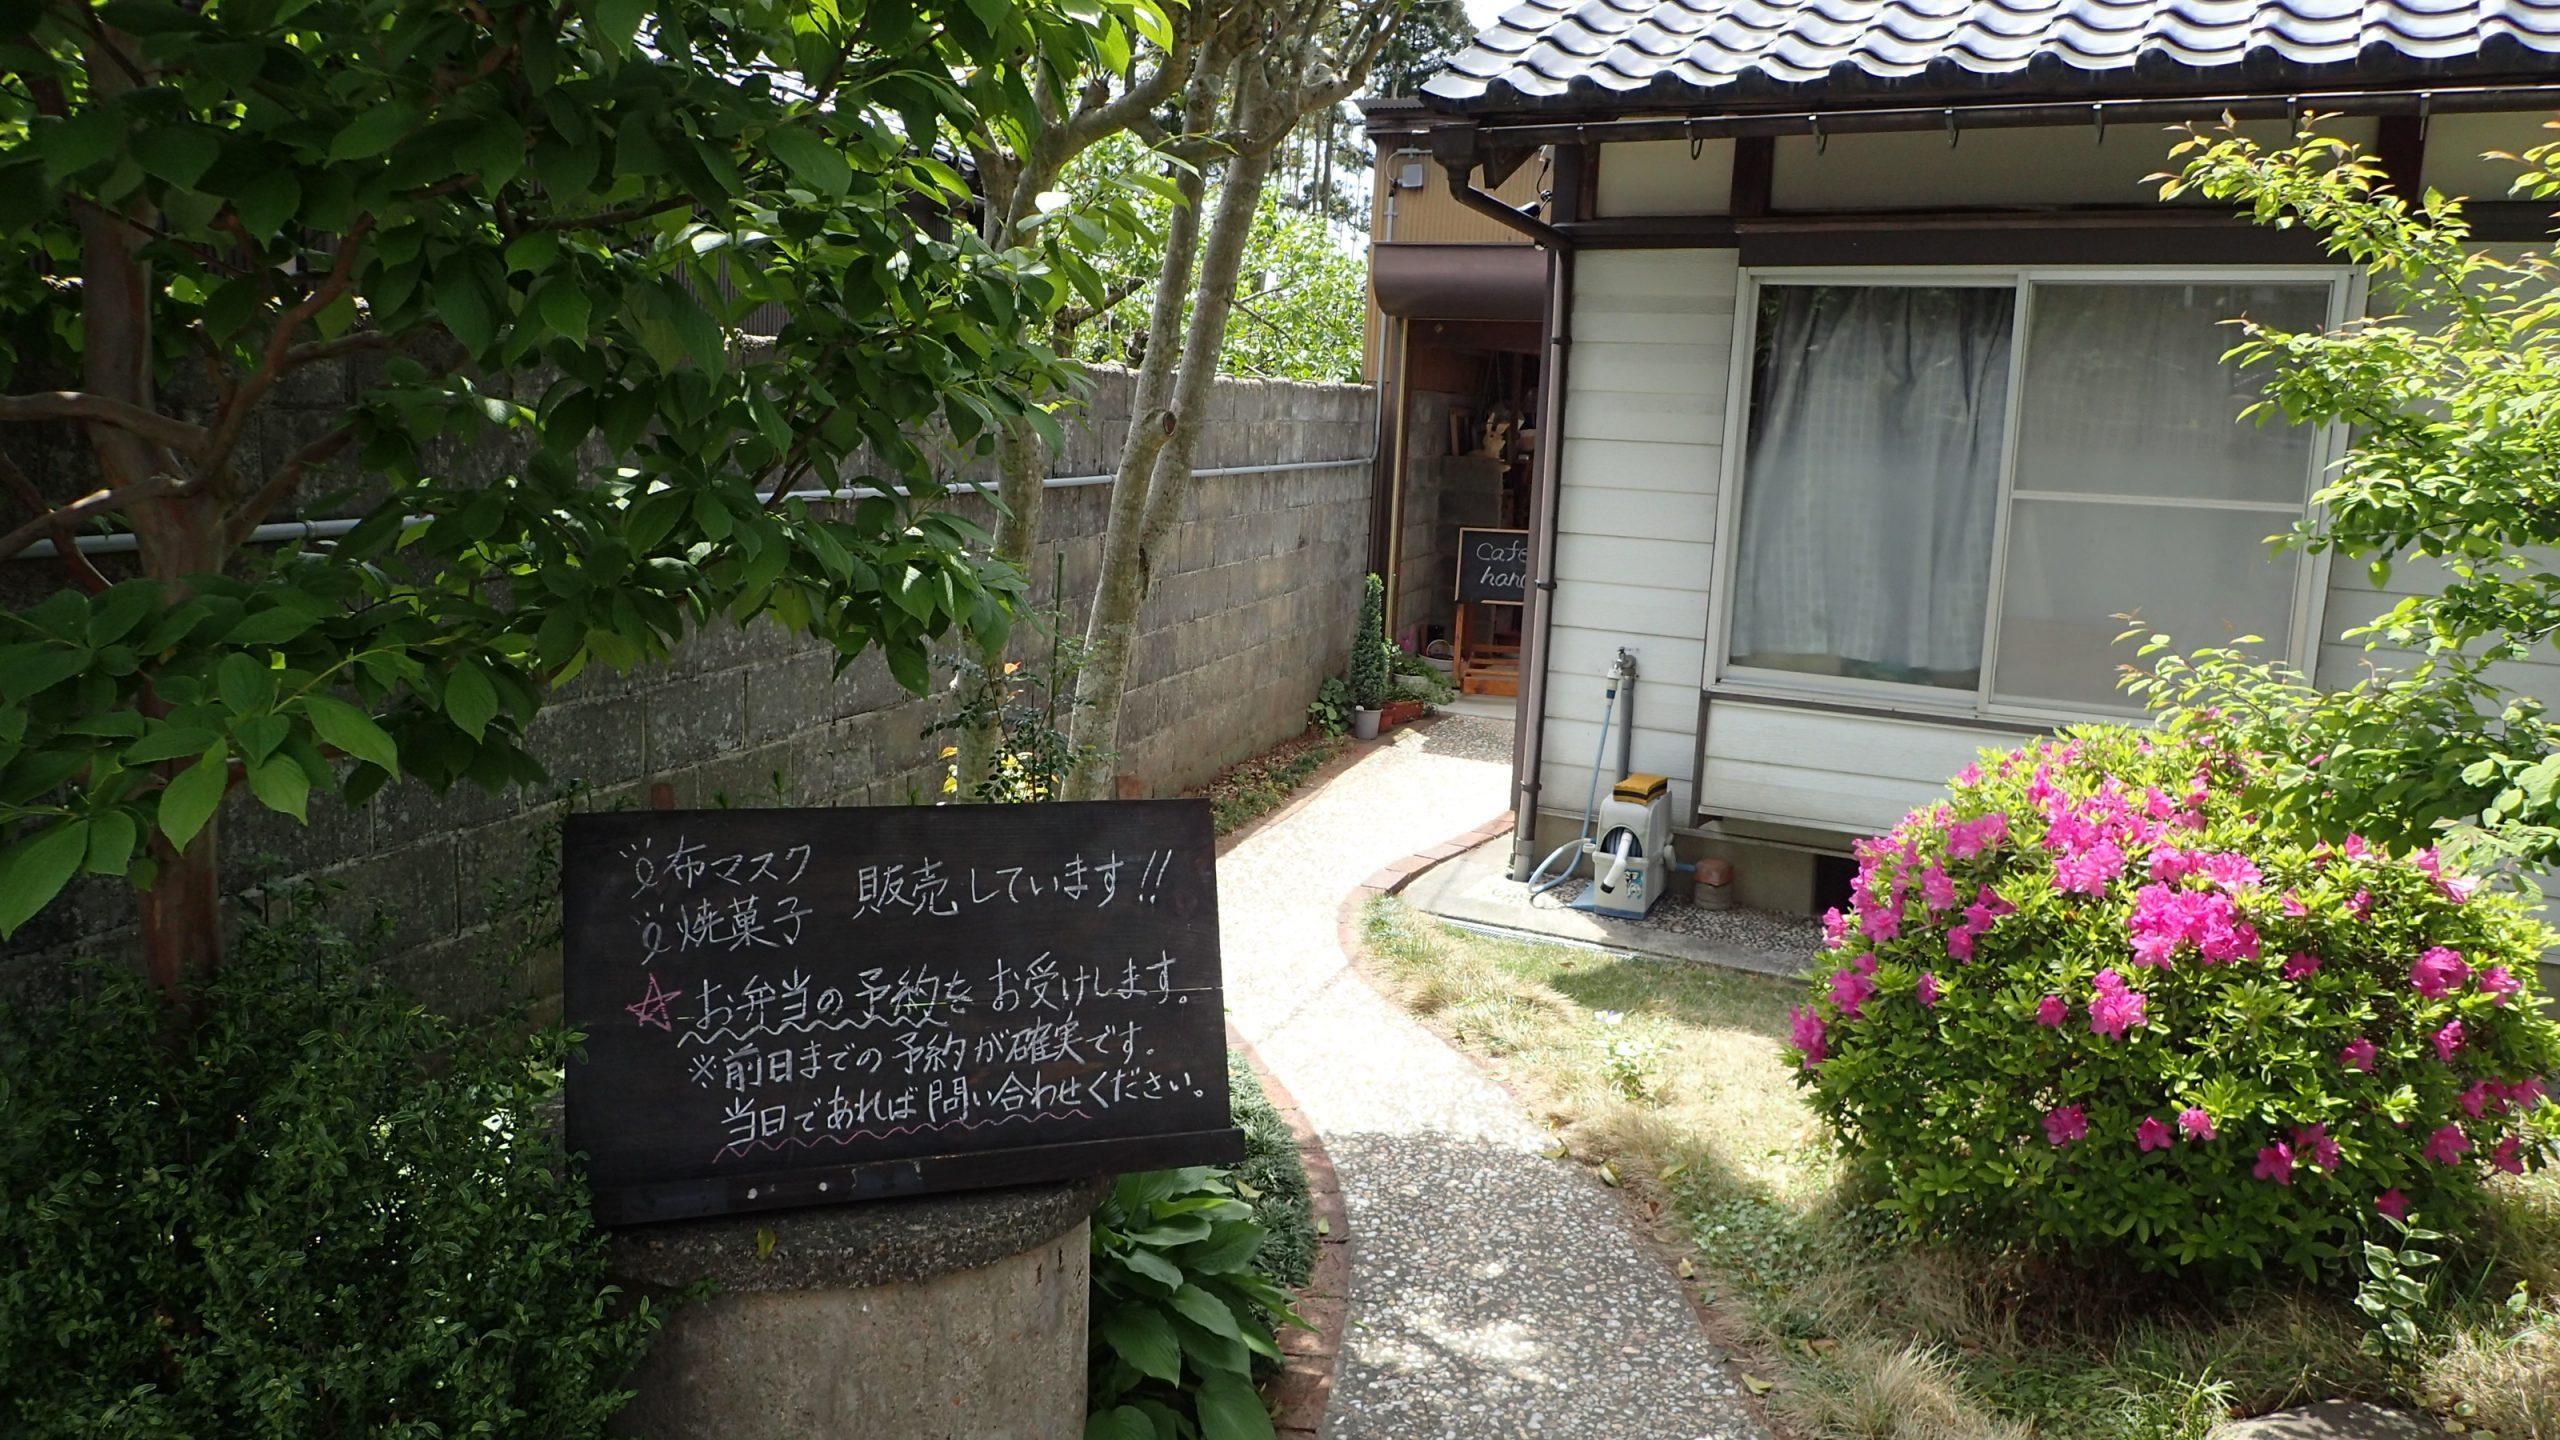 Caafe hanare(カフェ ハナレ)